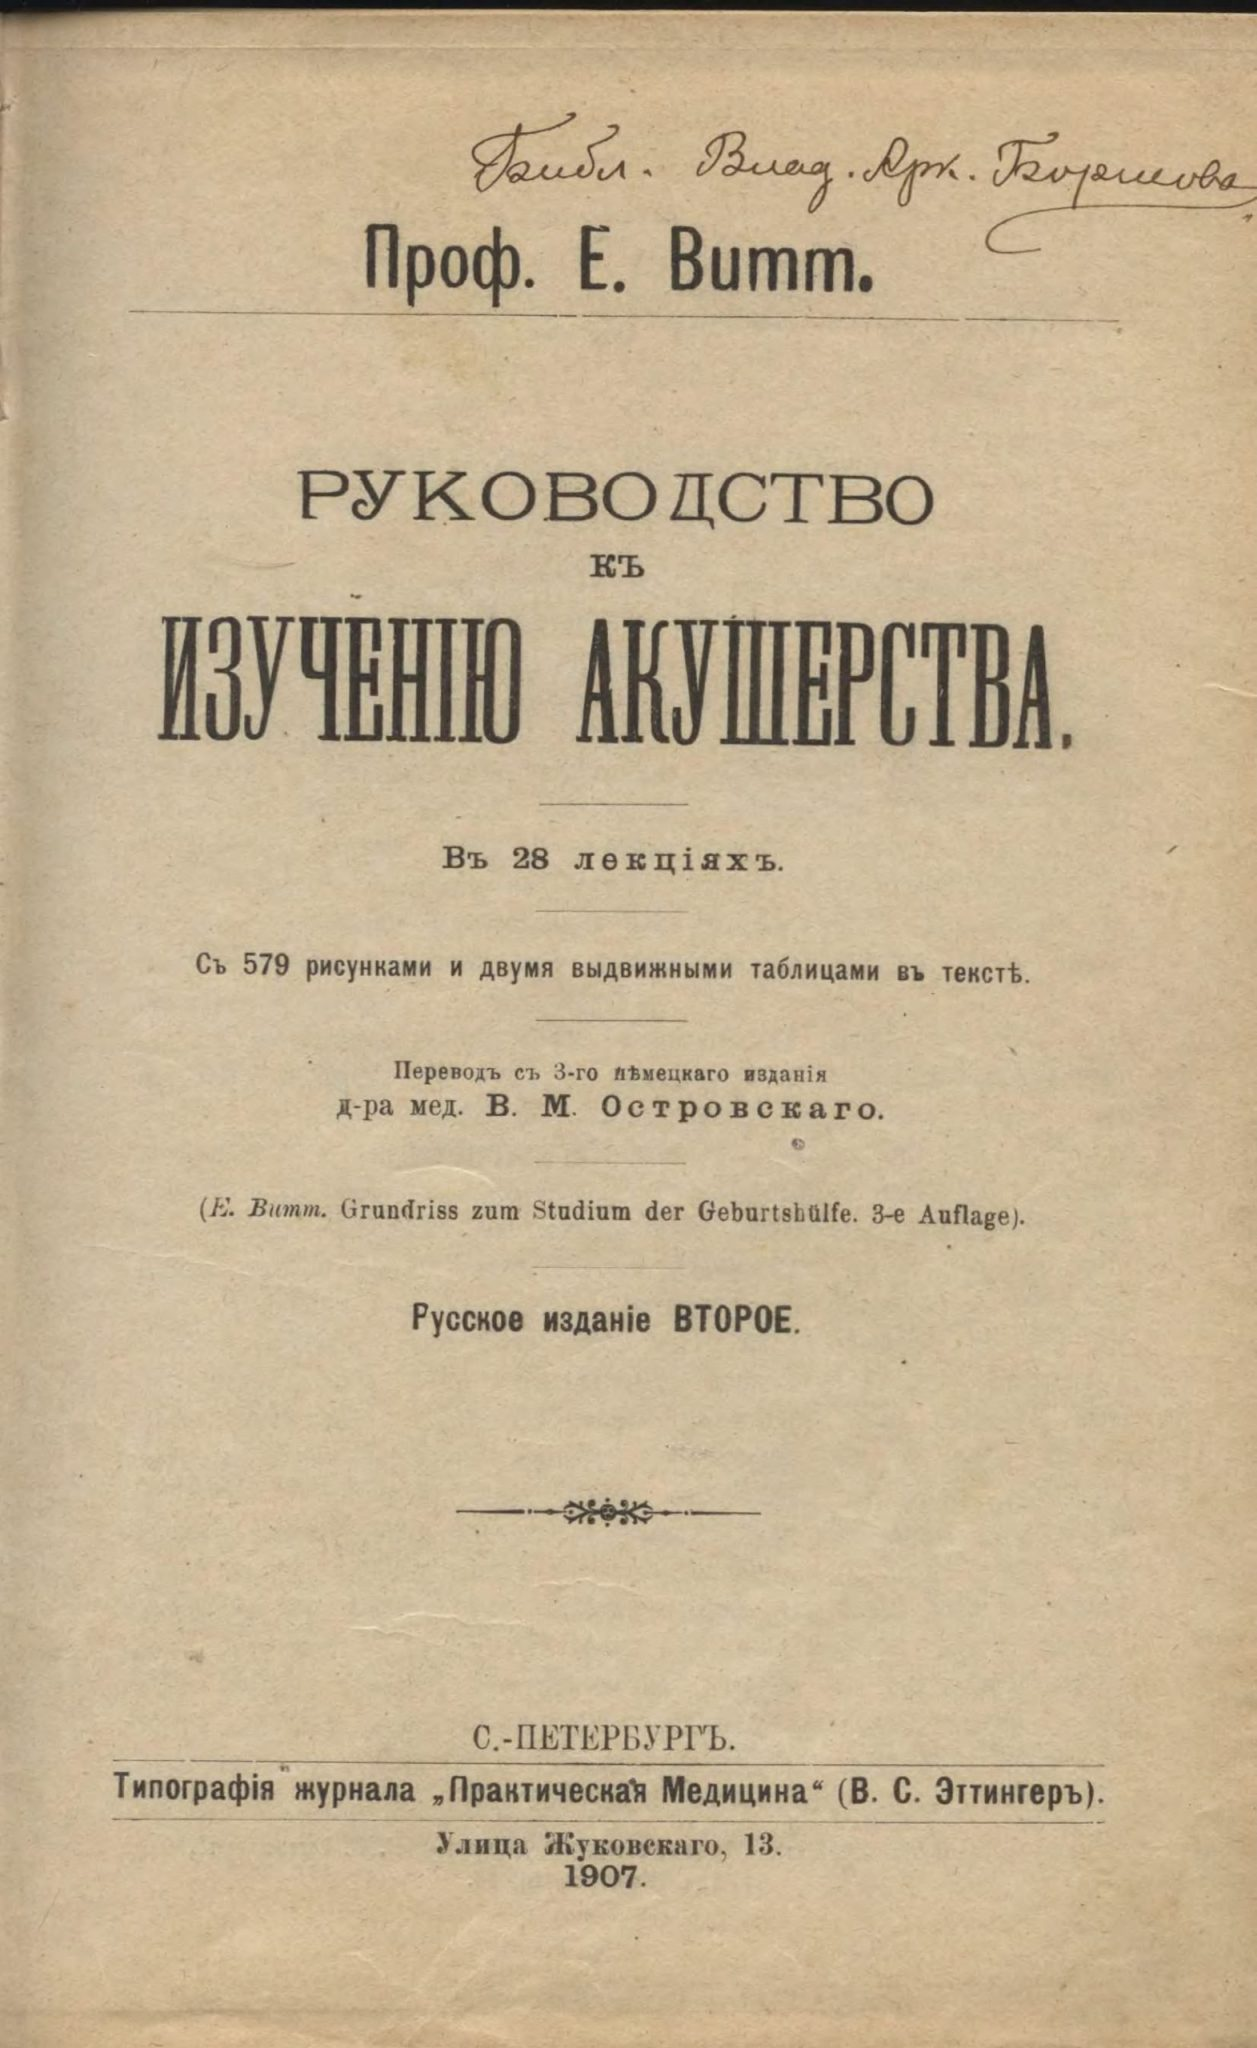 Руководство по изучению акушерства. 1907. E. Bumm